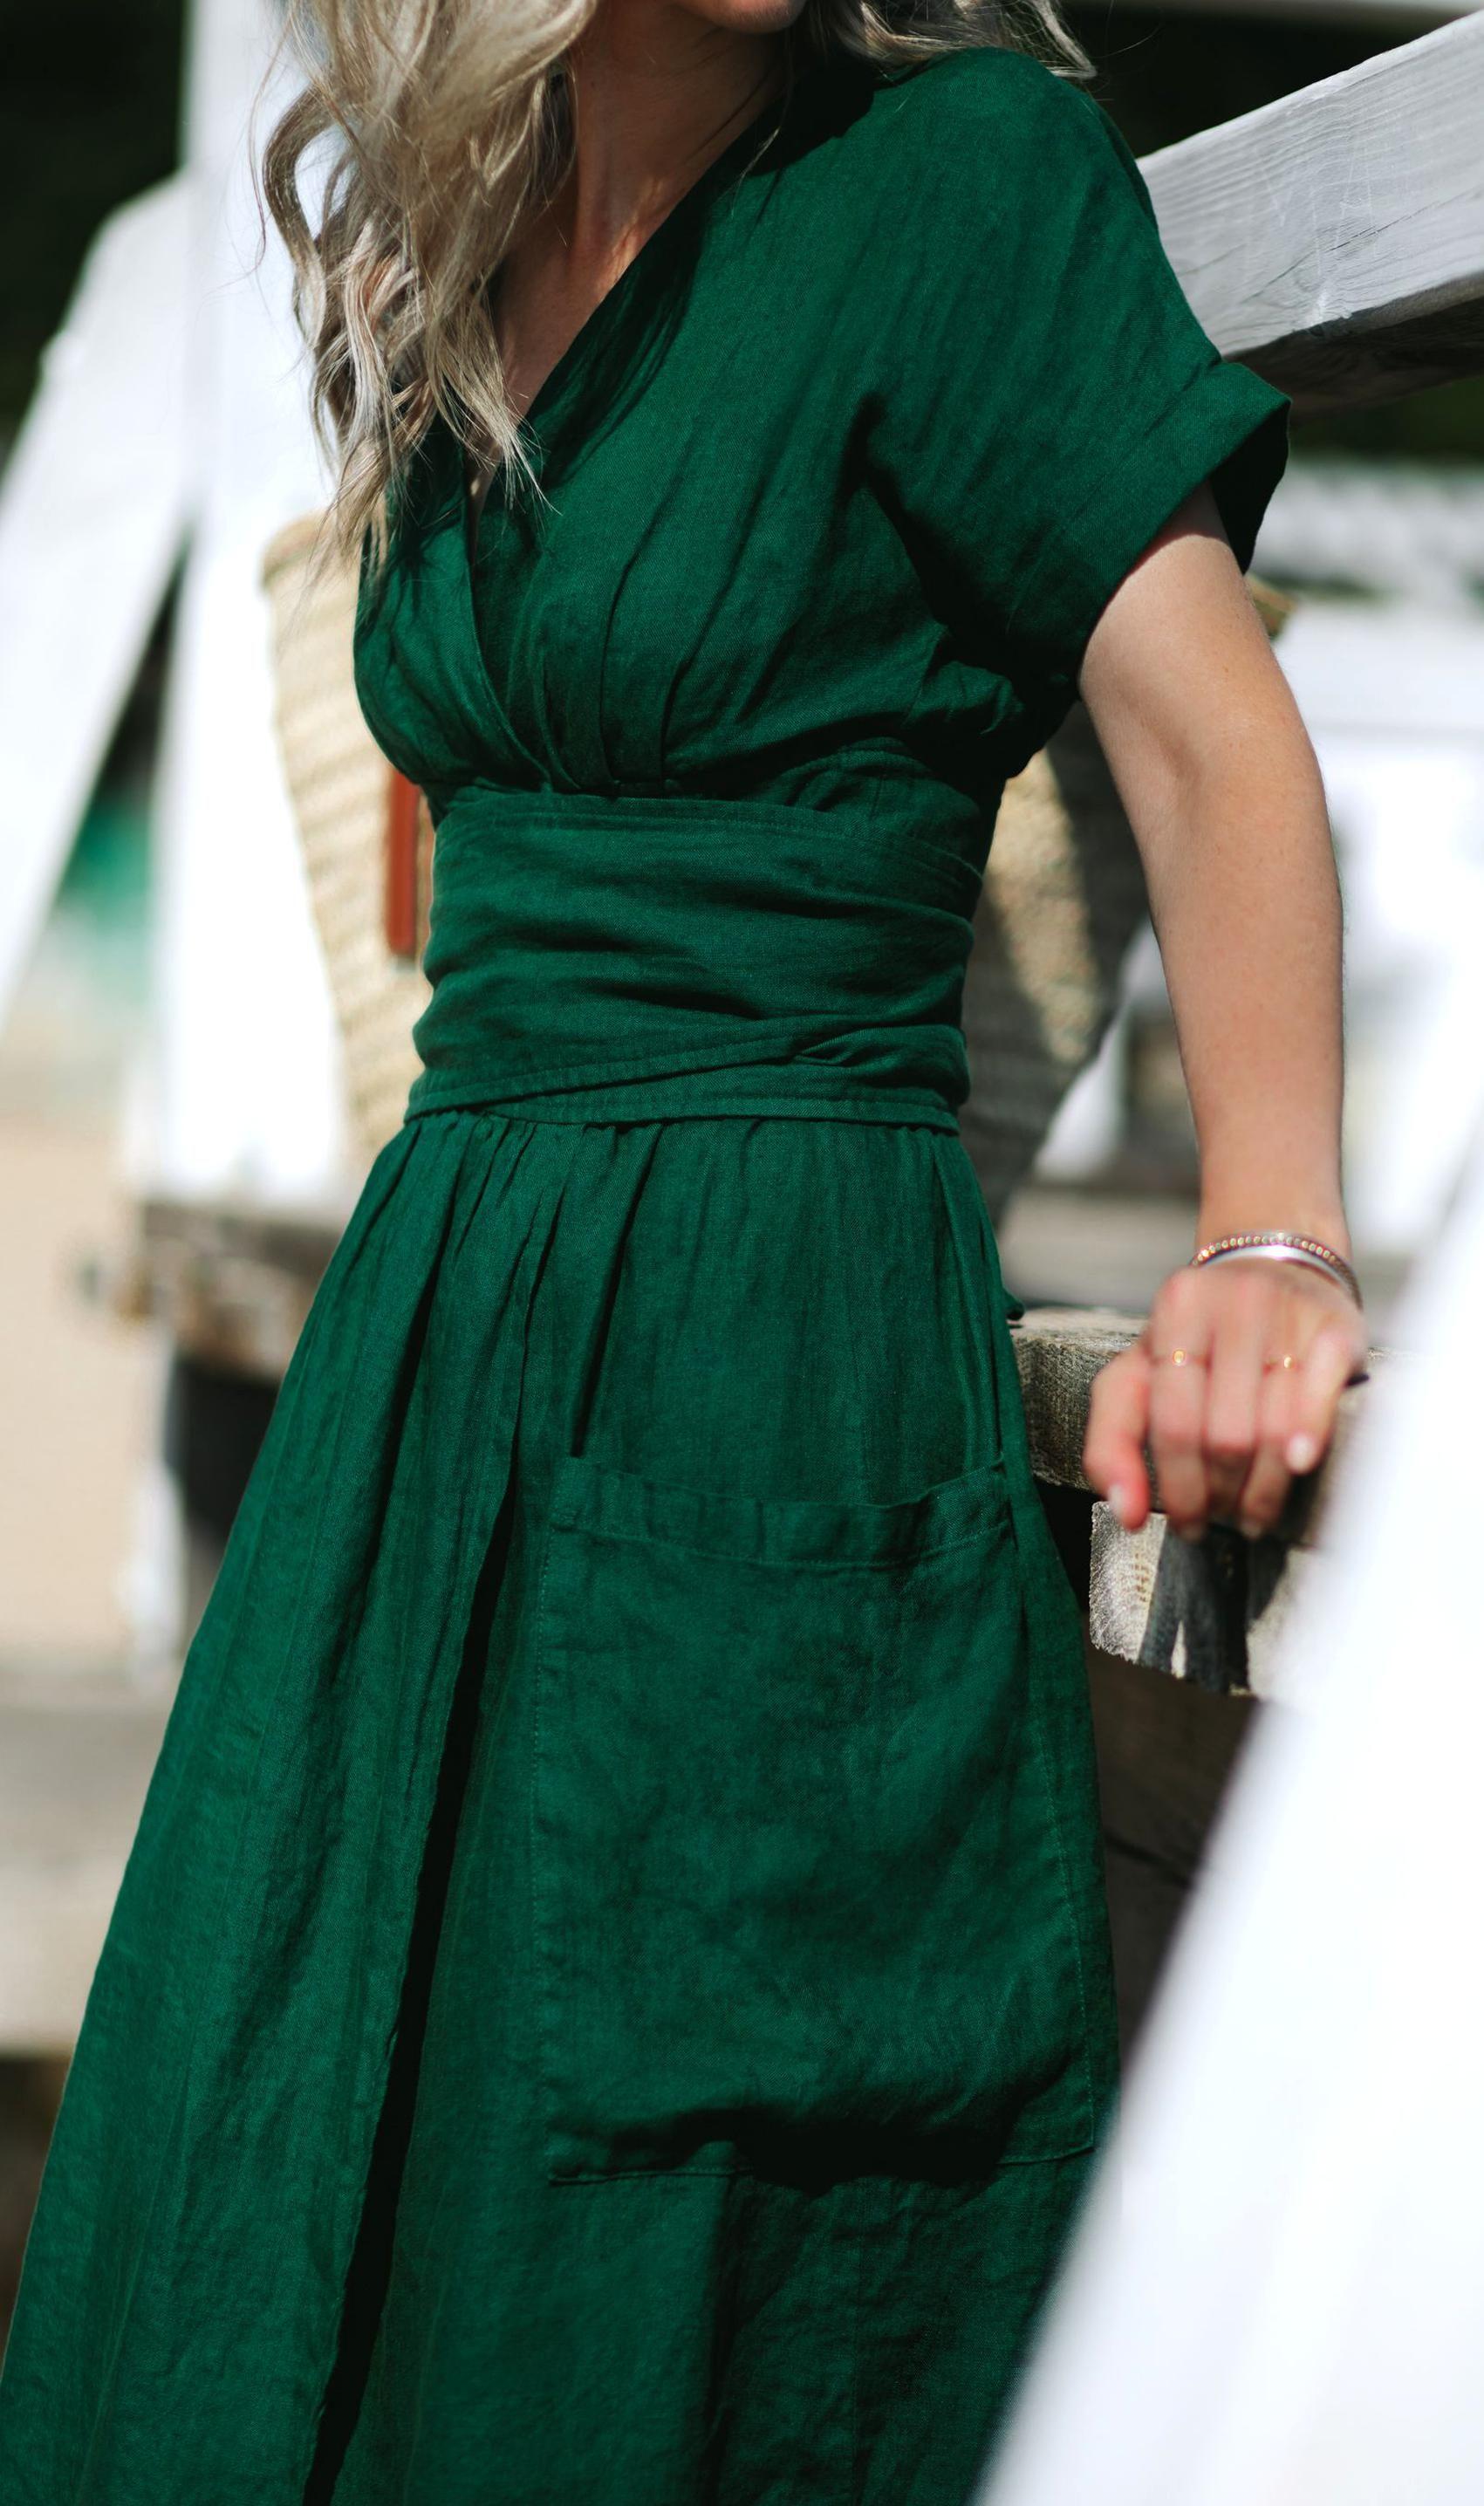 Linen Dress Made From 100 Linen 119 In 2020 Backyard Wedding Dress Making Green Dress